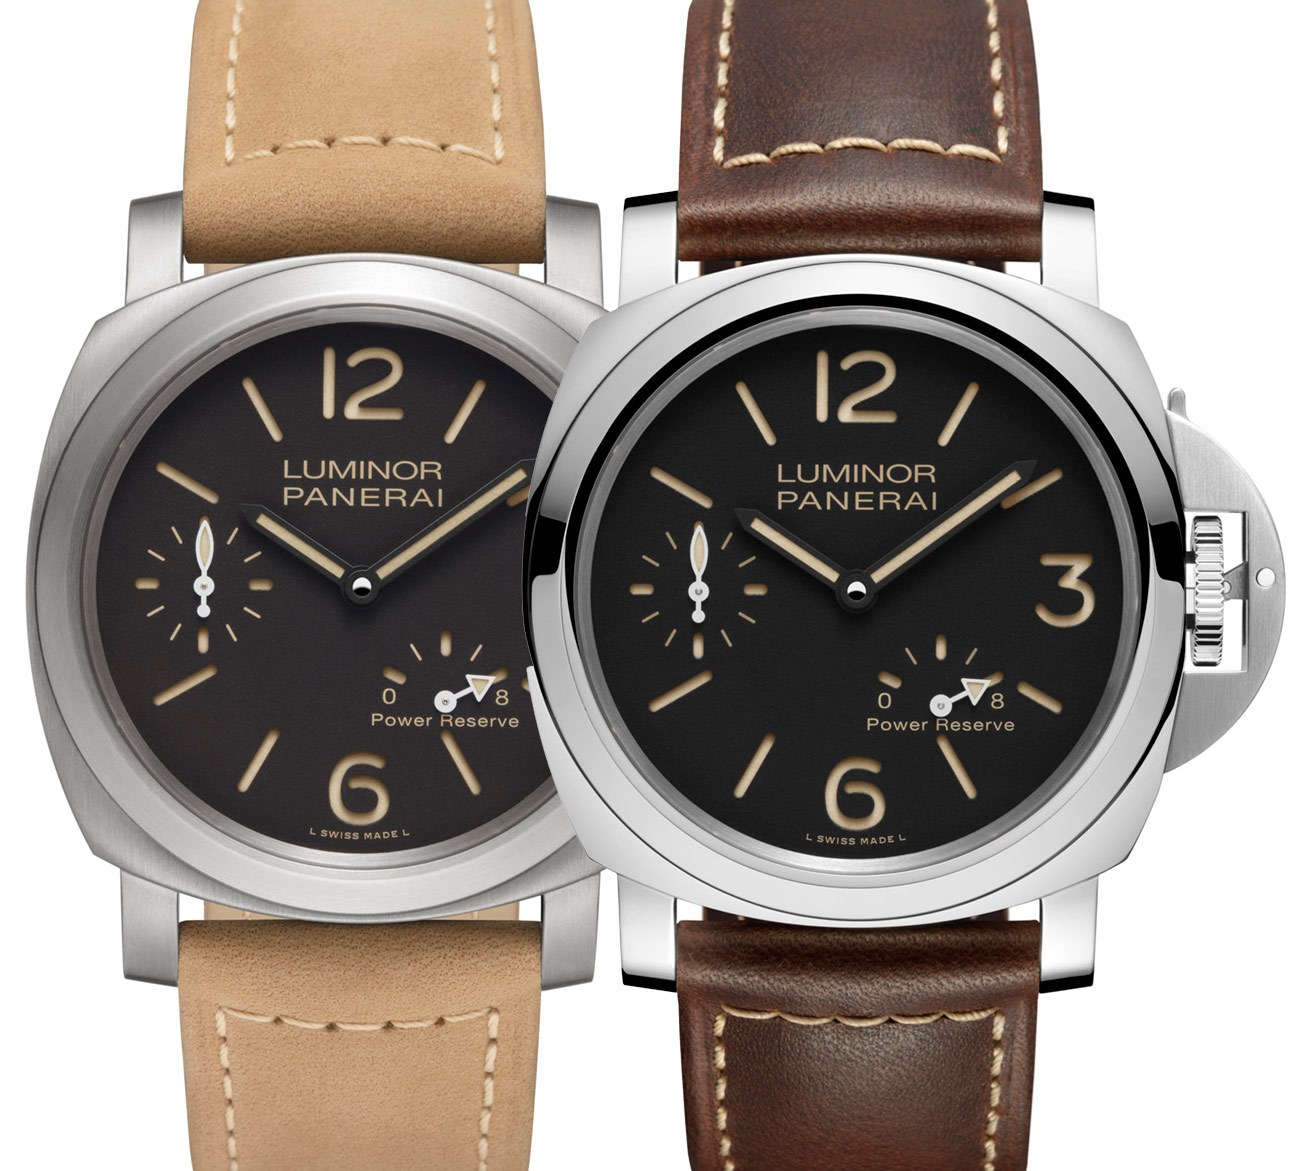 panerai-luminor-marina-8-days-power-reserve-watch-pam795-steel-pam797-titanium-8.jpg